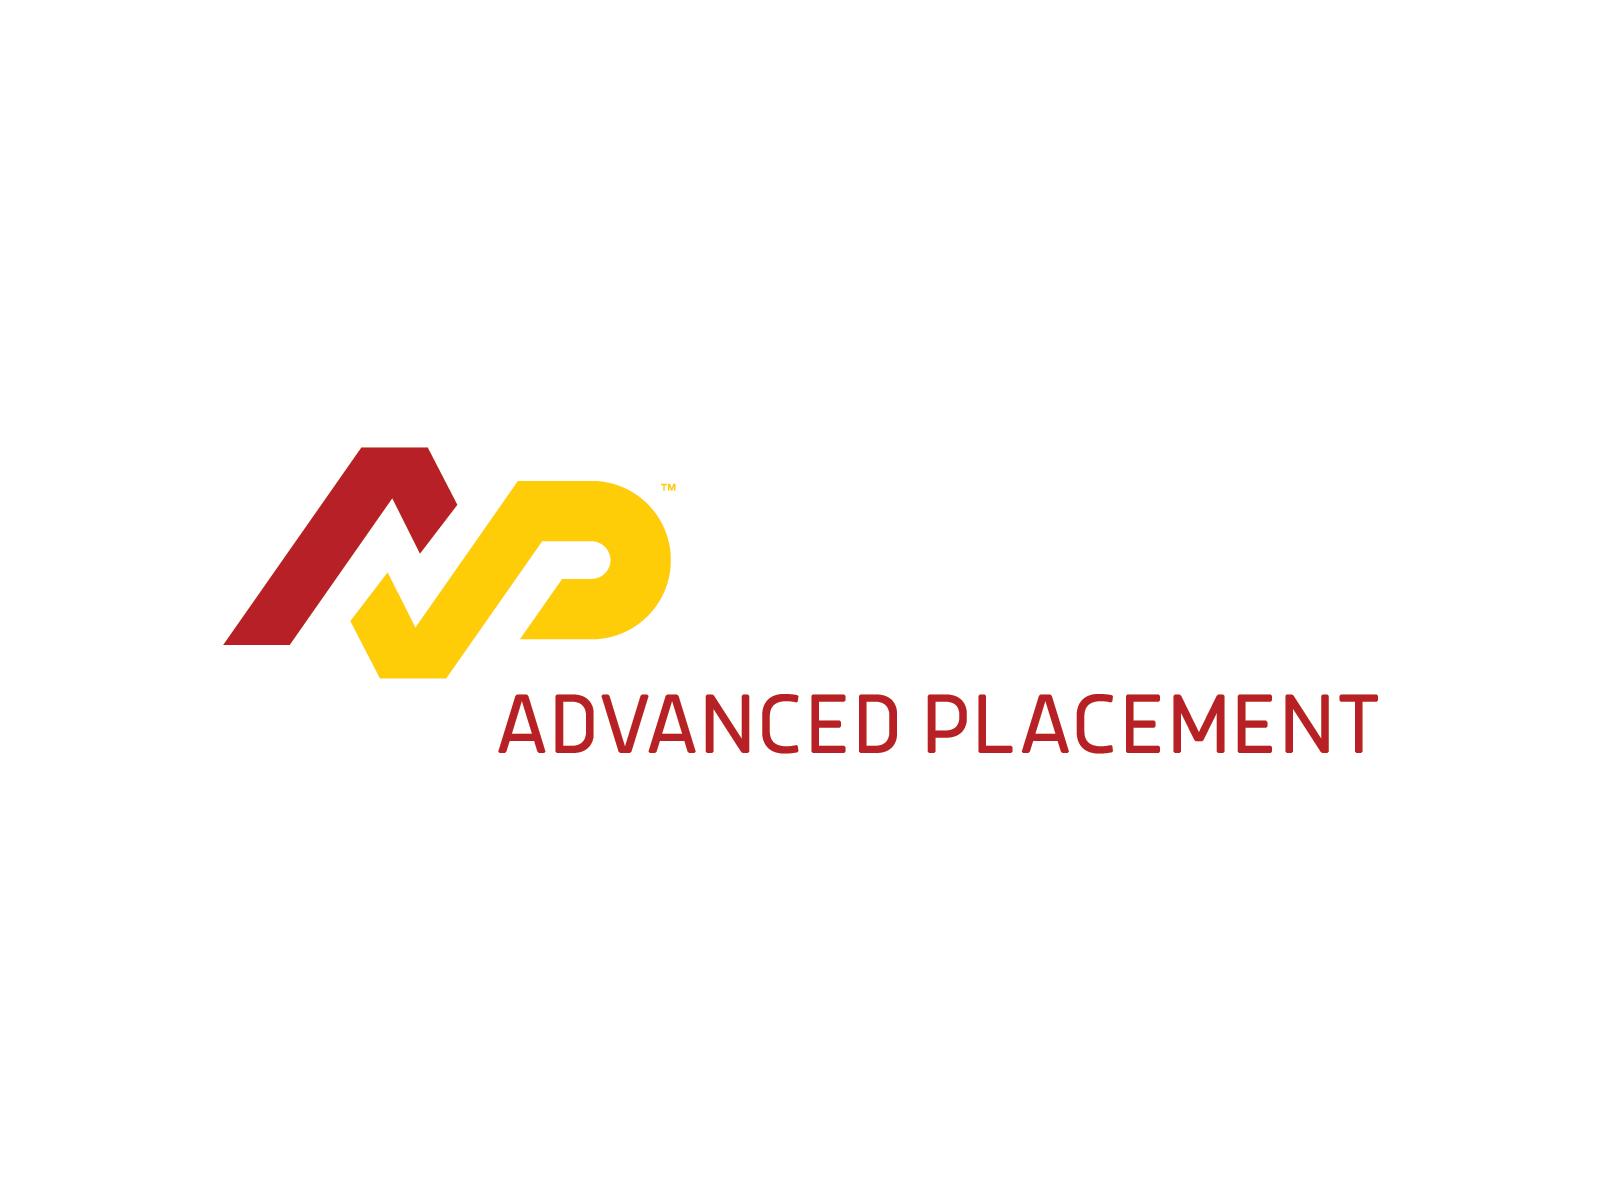 Ad agency logos